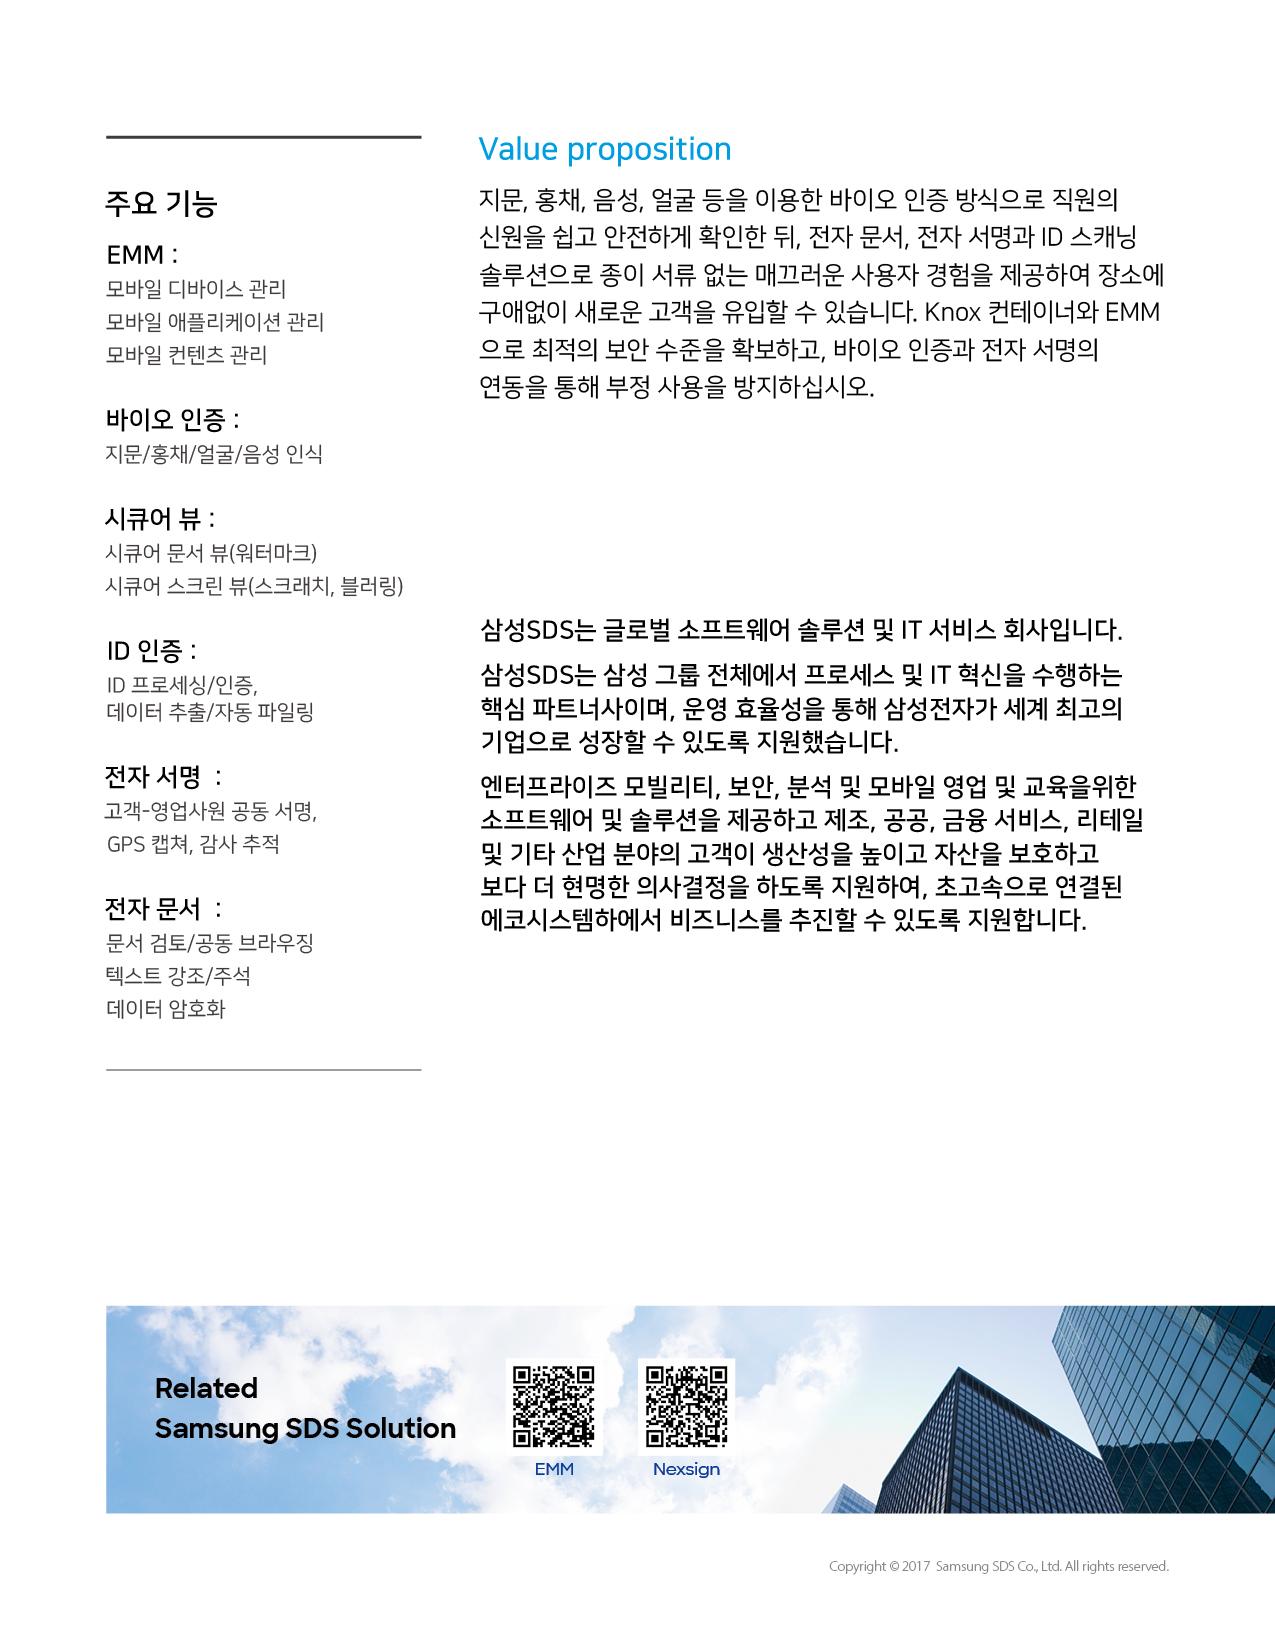 금융 고객을 위한 태블릿 지점 솔루션2